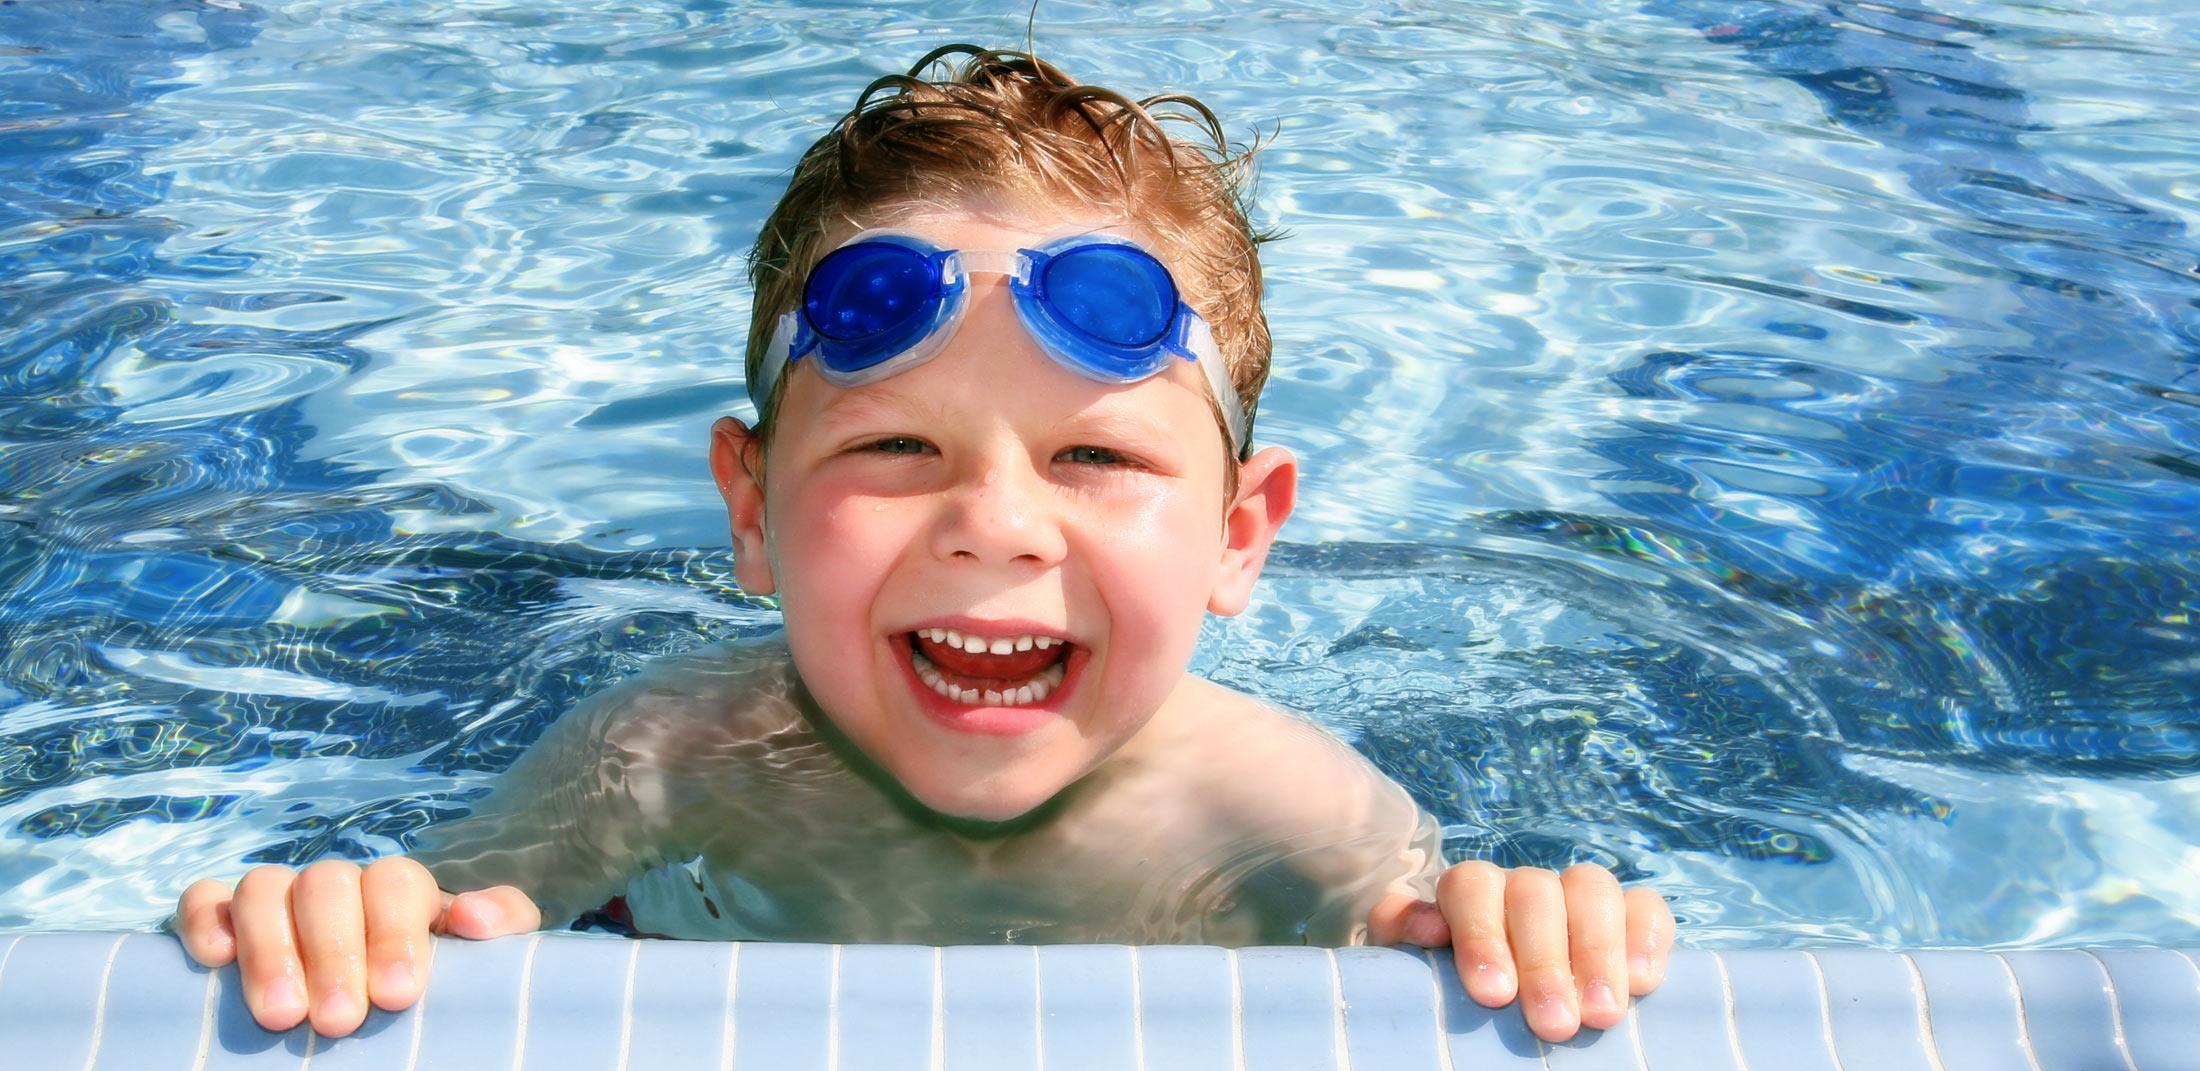 child swimming - photo #12